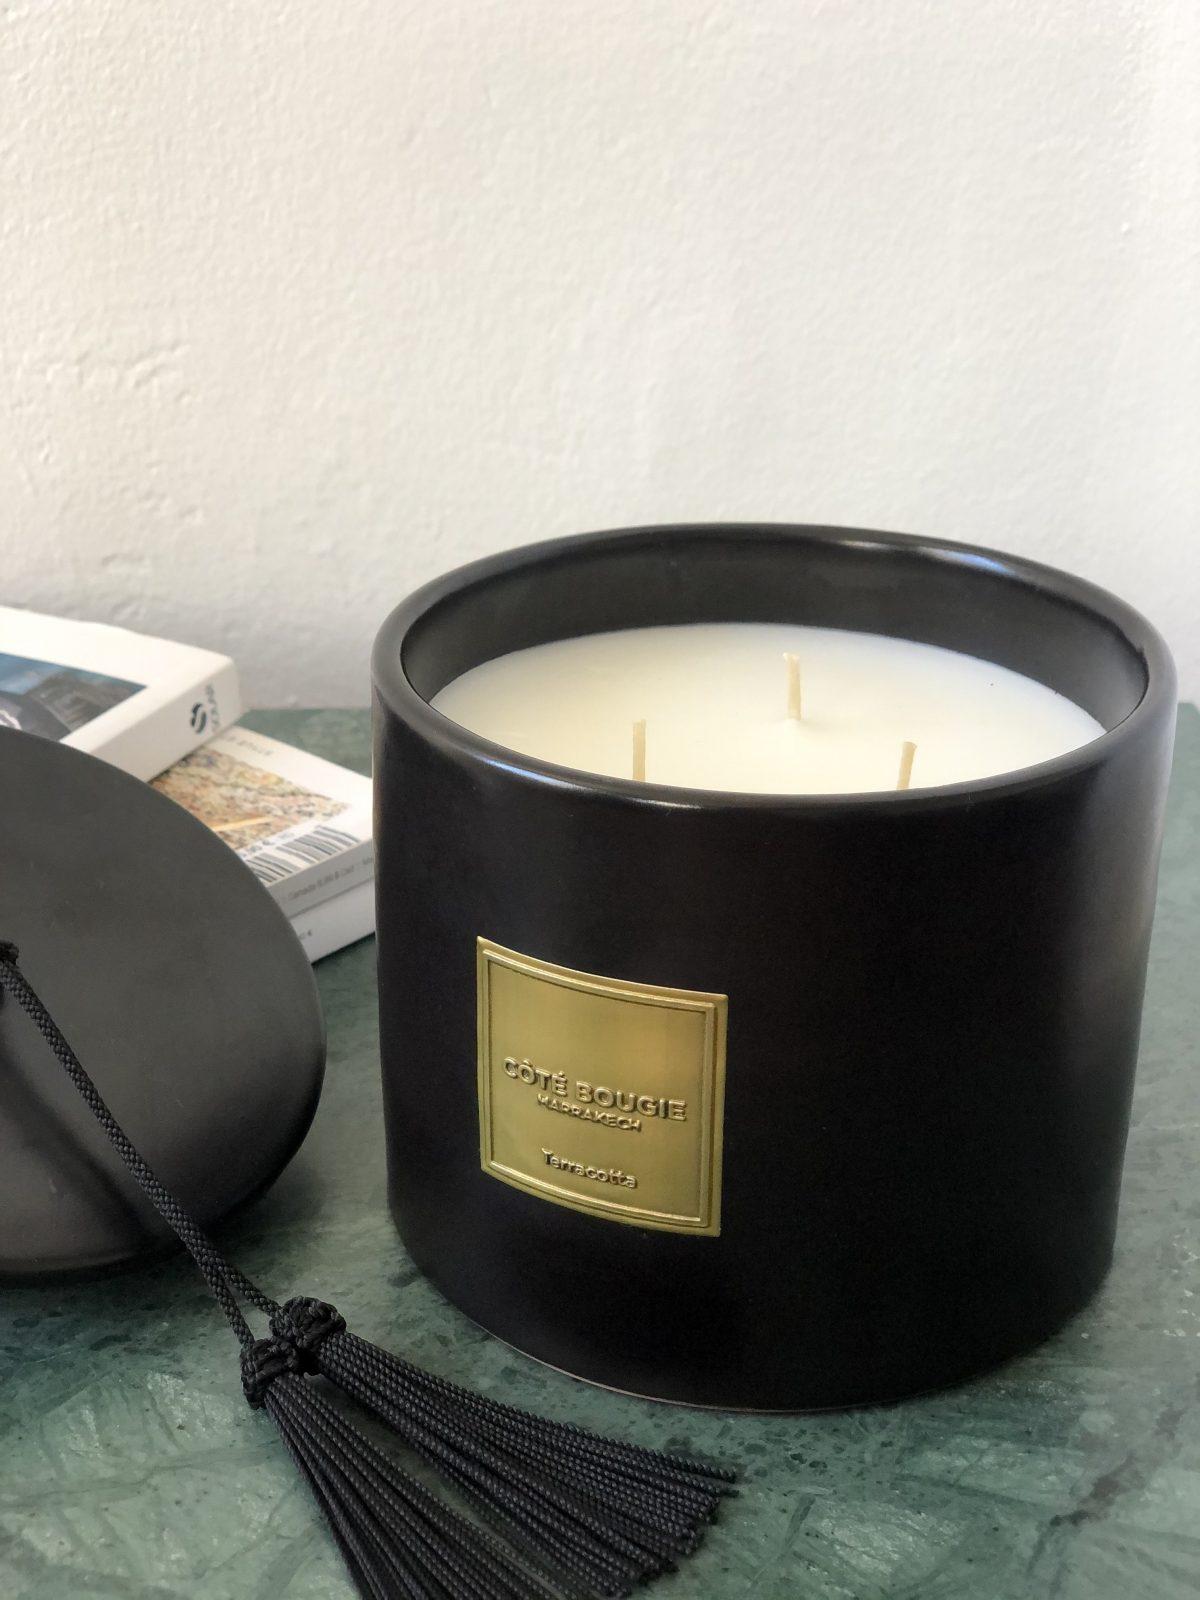 bougie terracotta noire